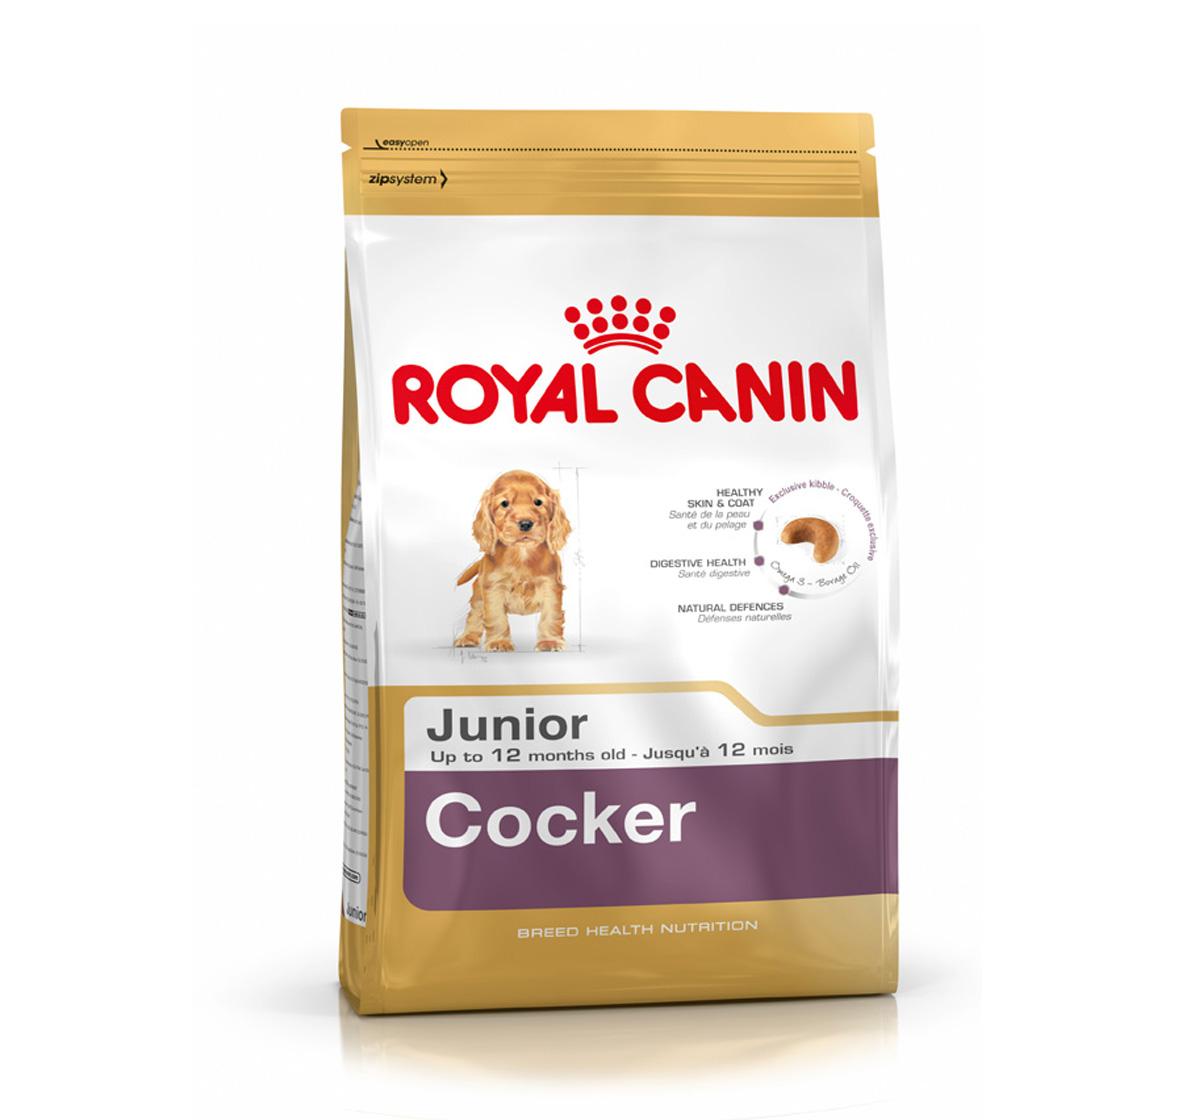 royal canin cocker junior 3 kg dogspot online pet. Black Bedroom Furniture Sets. Home Design Ideas